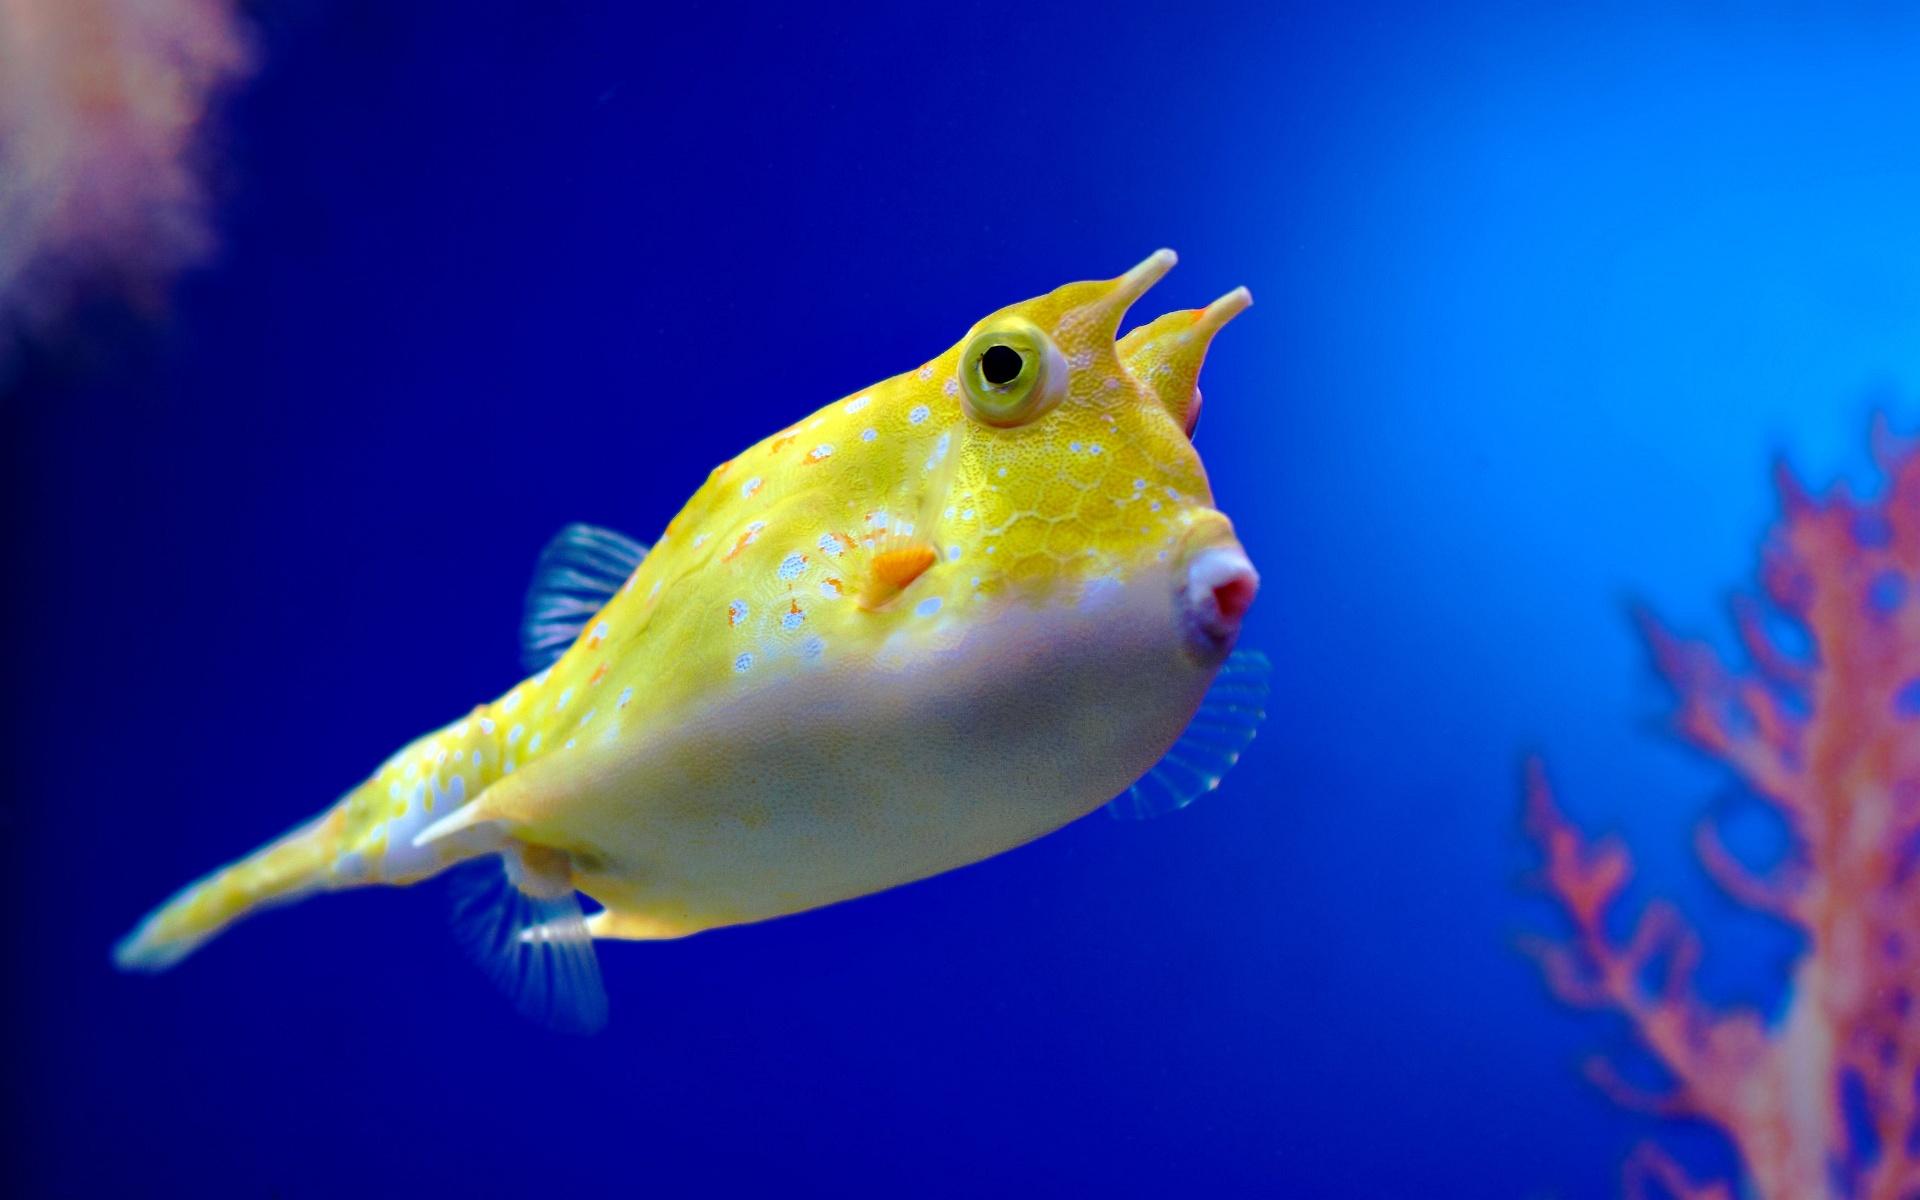 странные рыбы фото и название фильтрации для